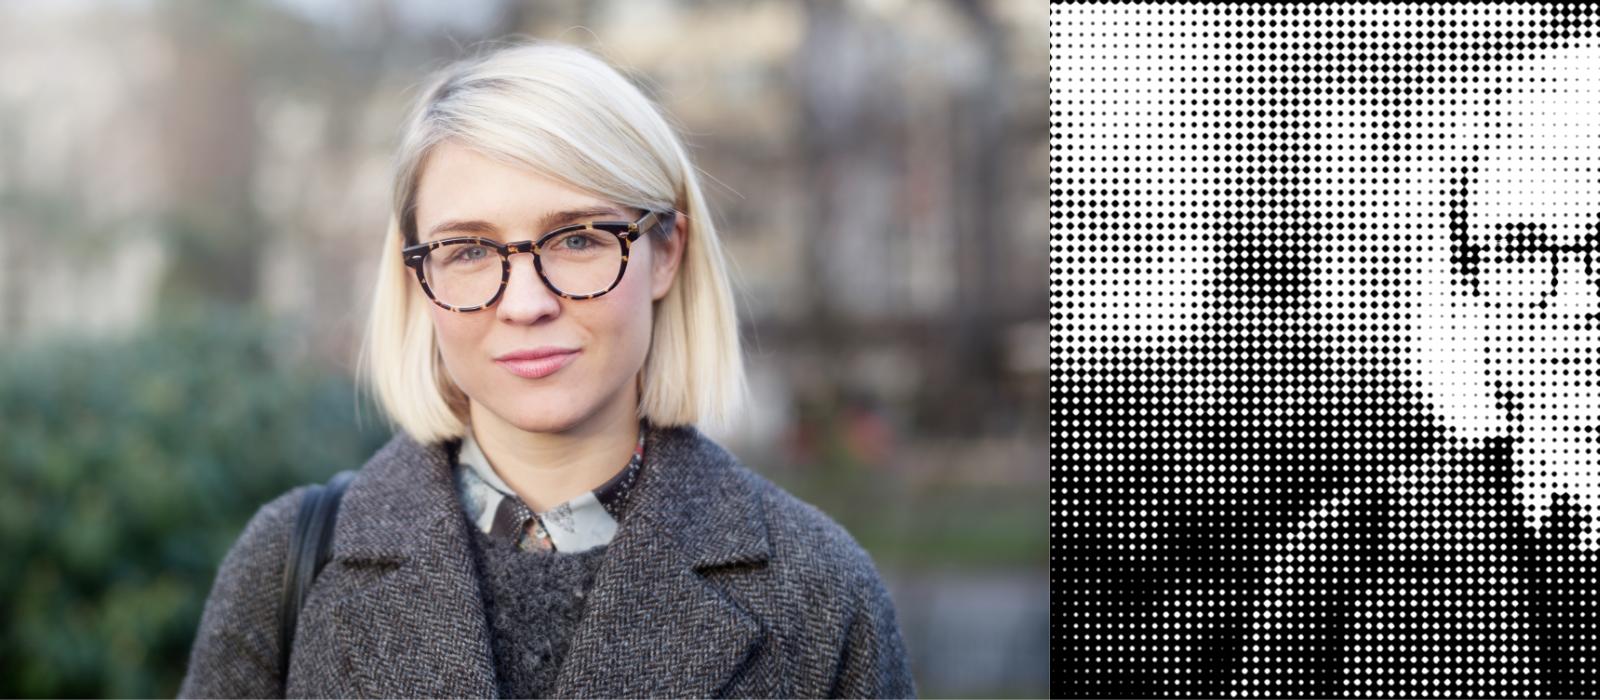 Hanna Björk, kategoriordföranden Digitalt, Acne Foto: Johan Lygrell.